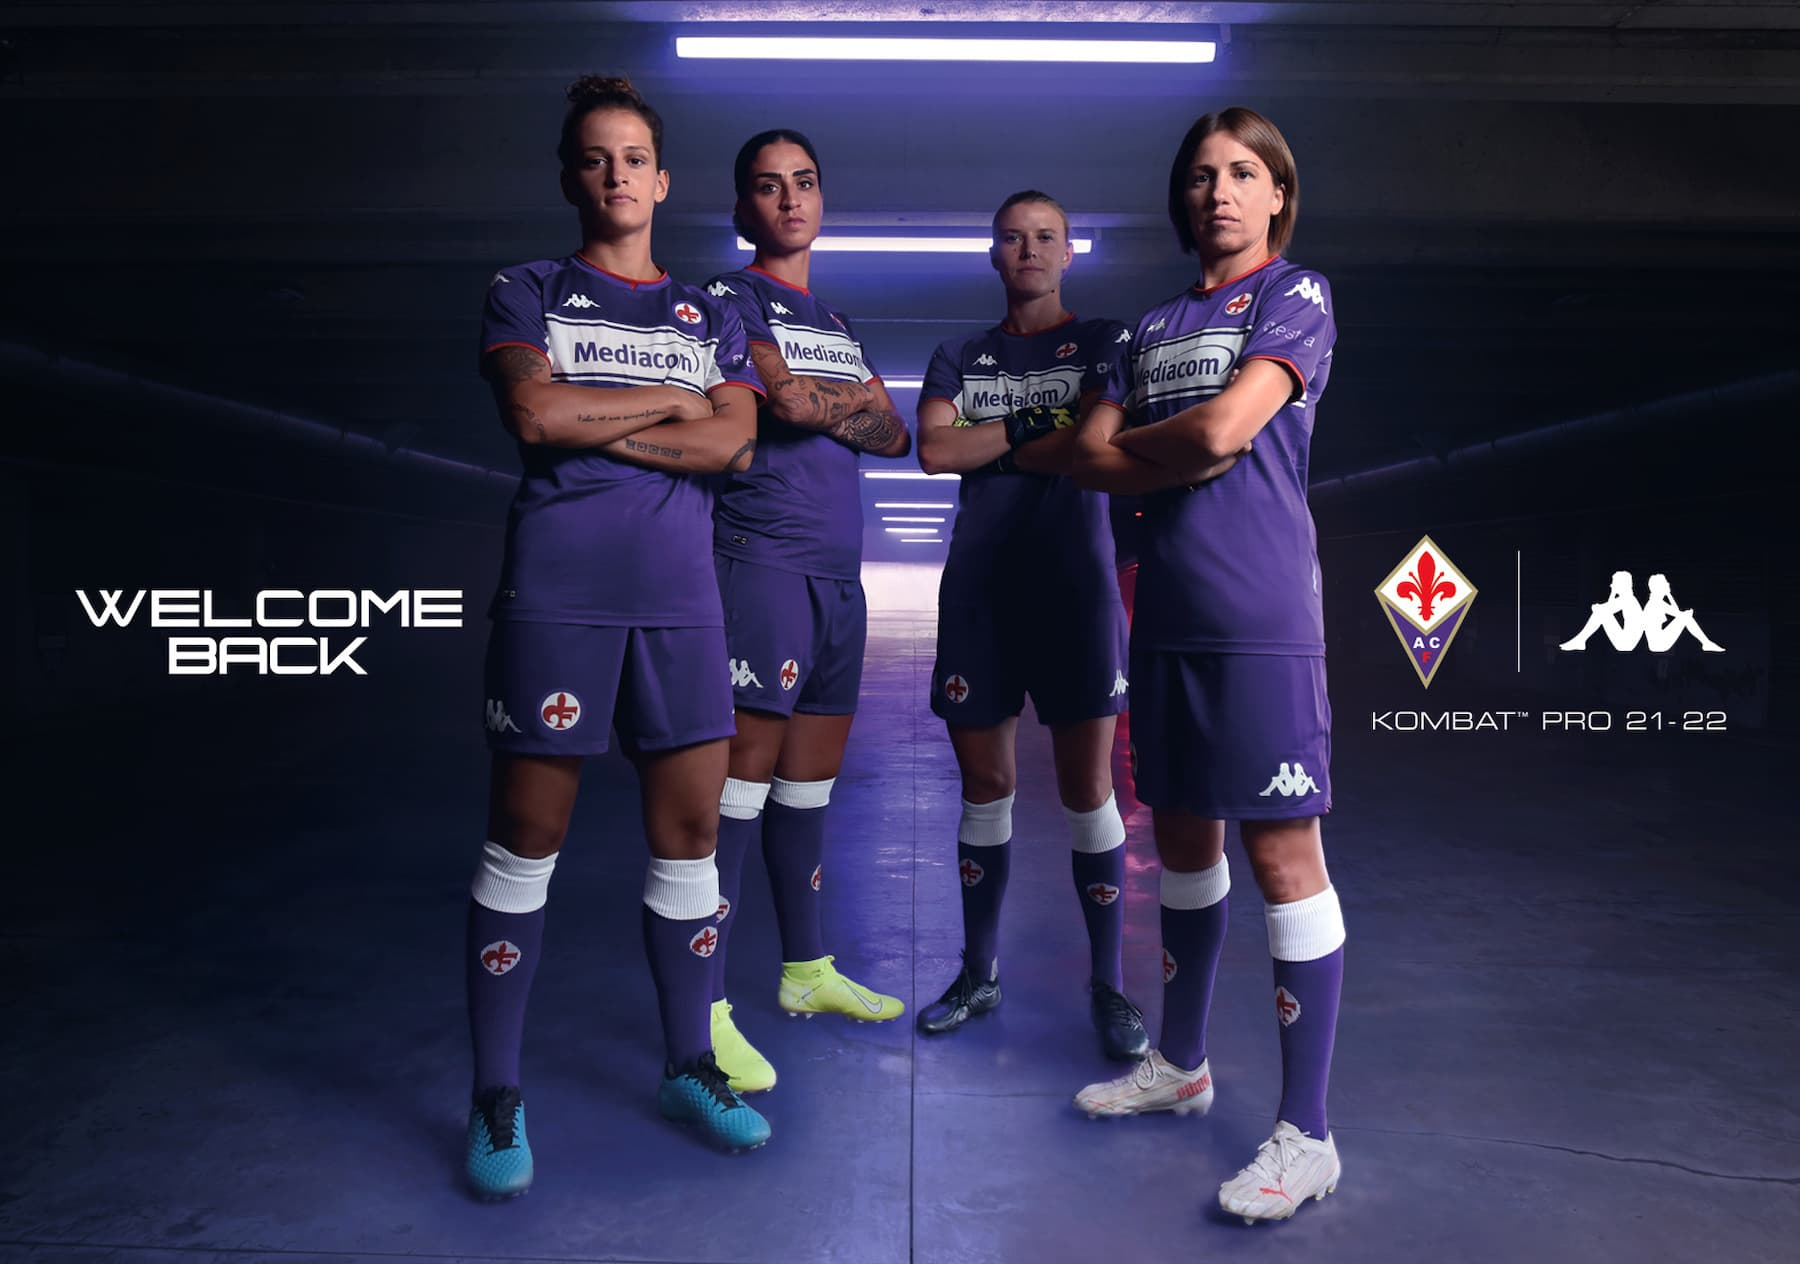 Nuova maglia Fiorentina 2022 femminile